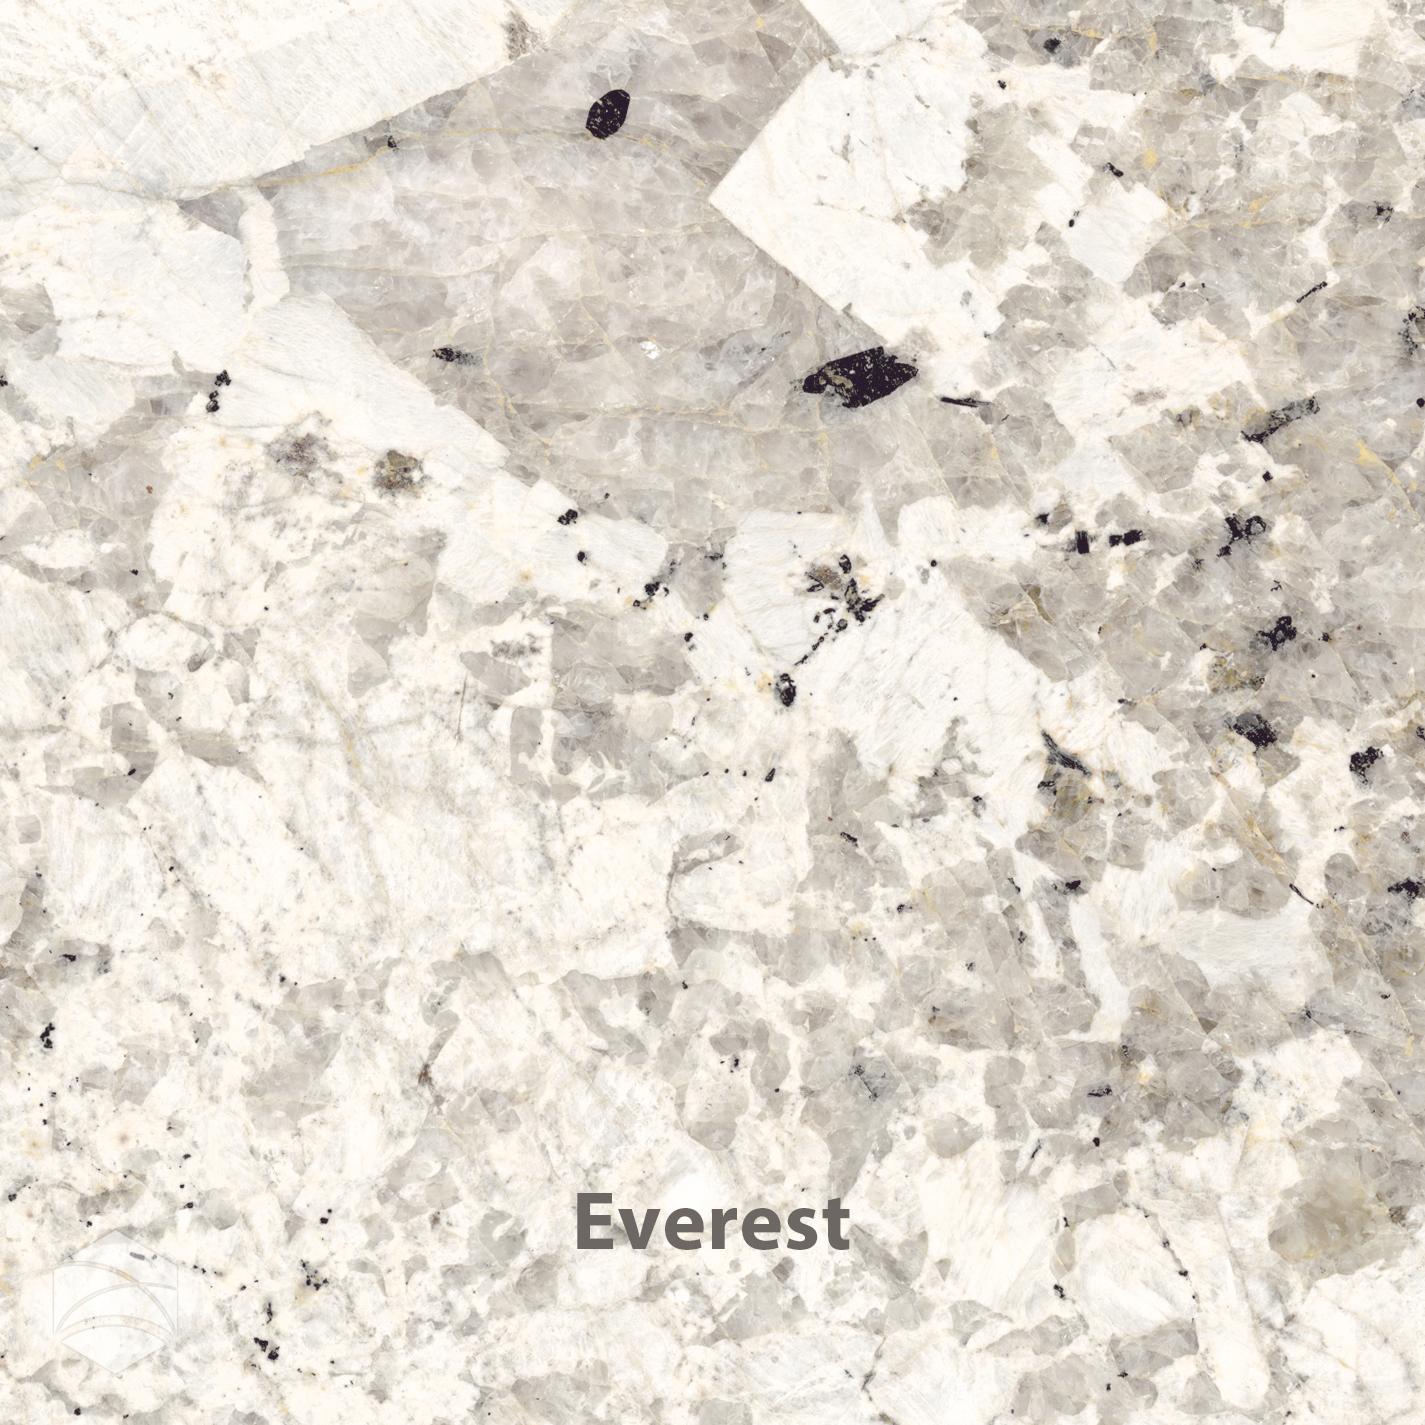 Everest_V2_14x14.jpg